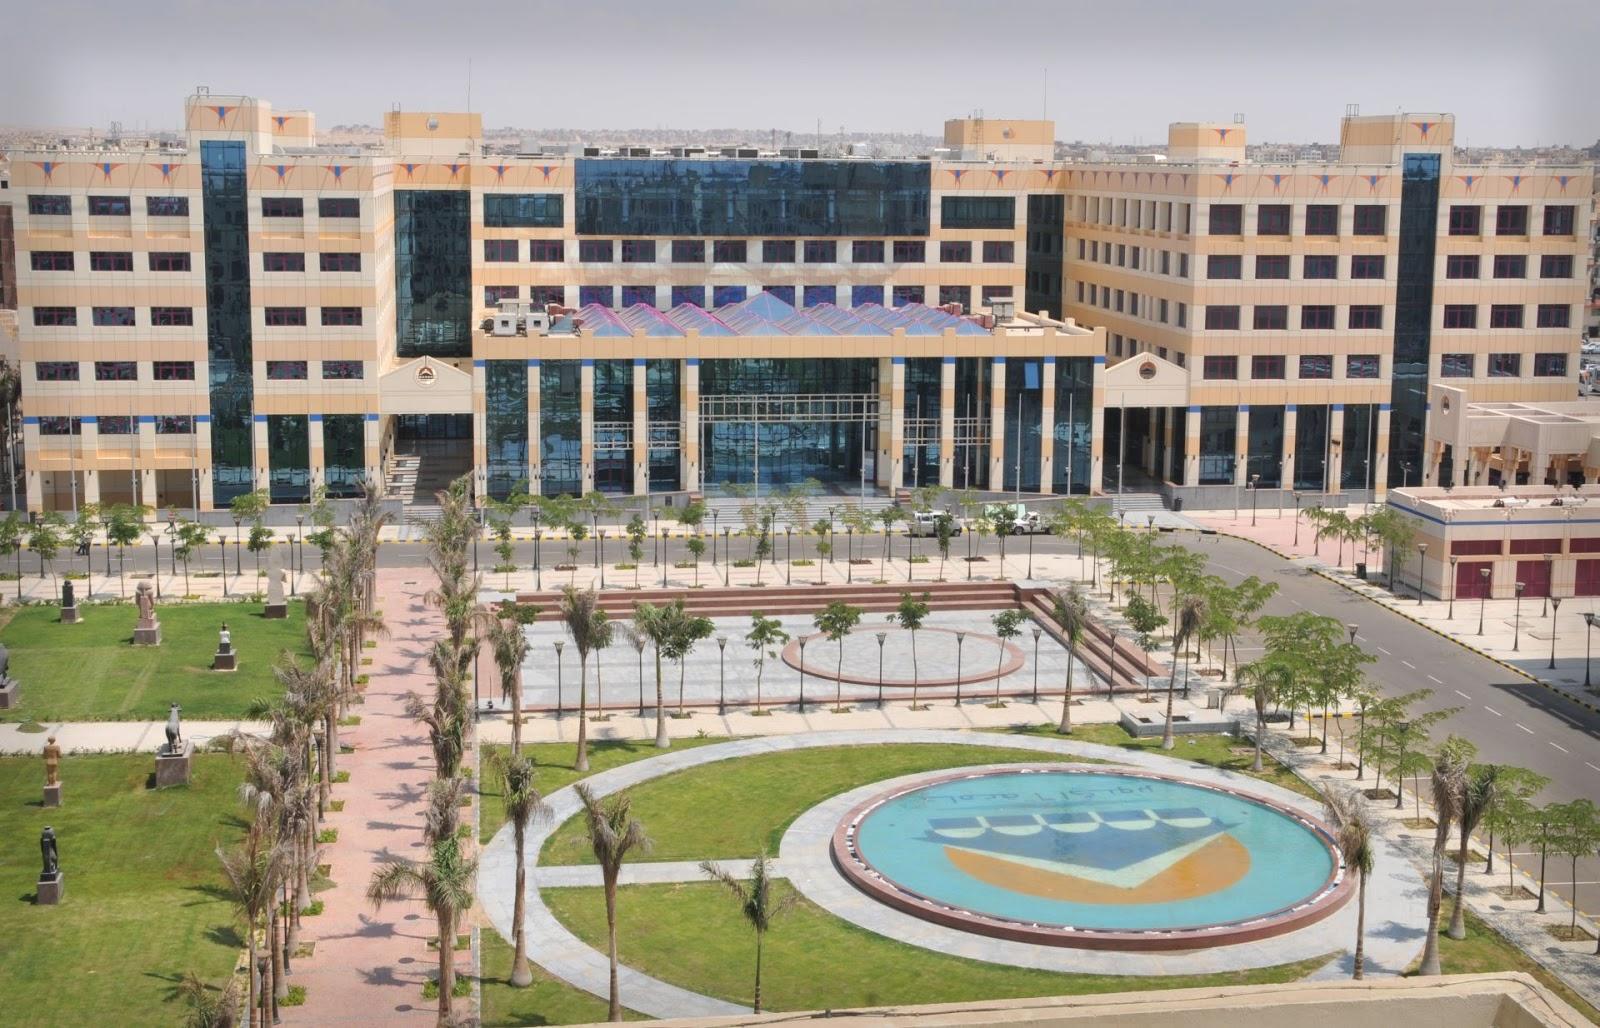 تنسيق جامعة 6 أكتوبر والحد الأدنى للقبول بالكليات 2020-2021